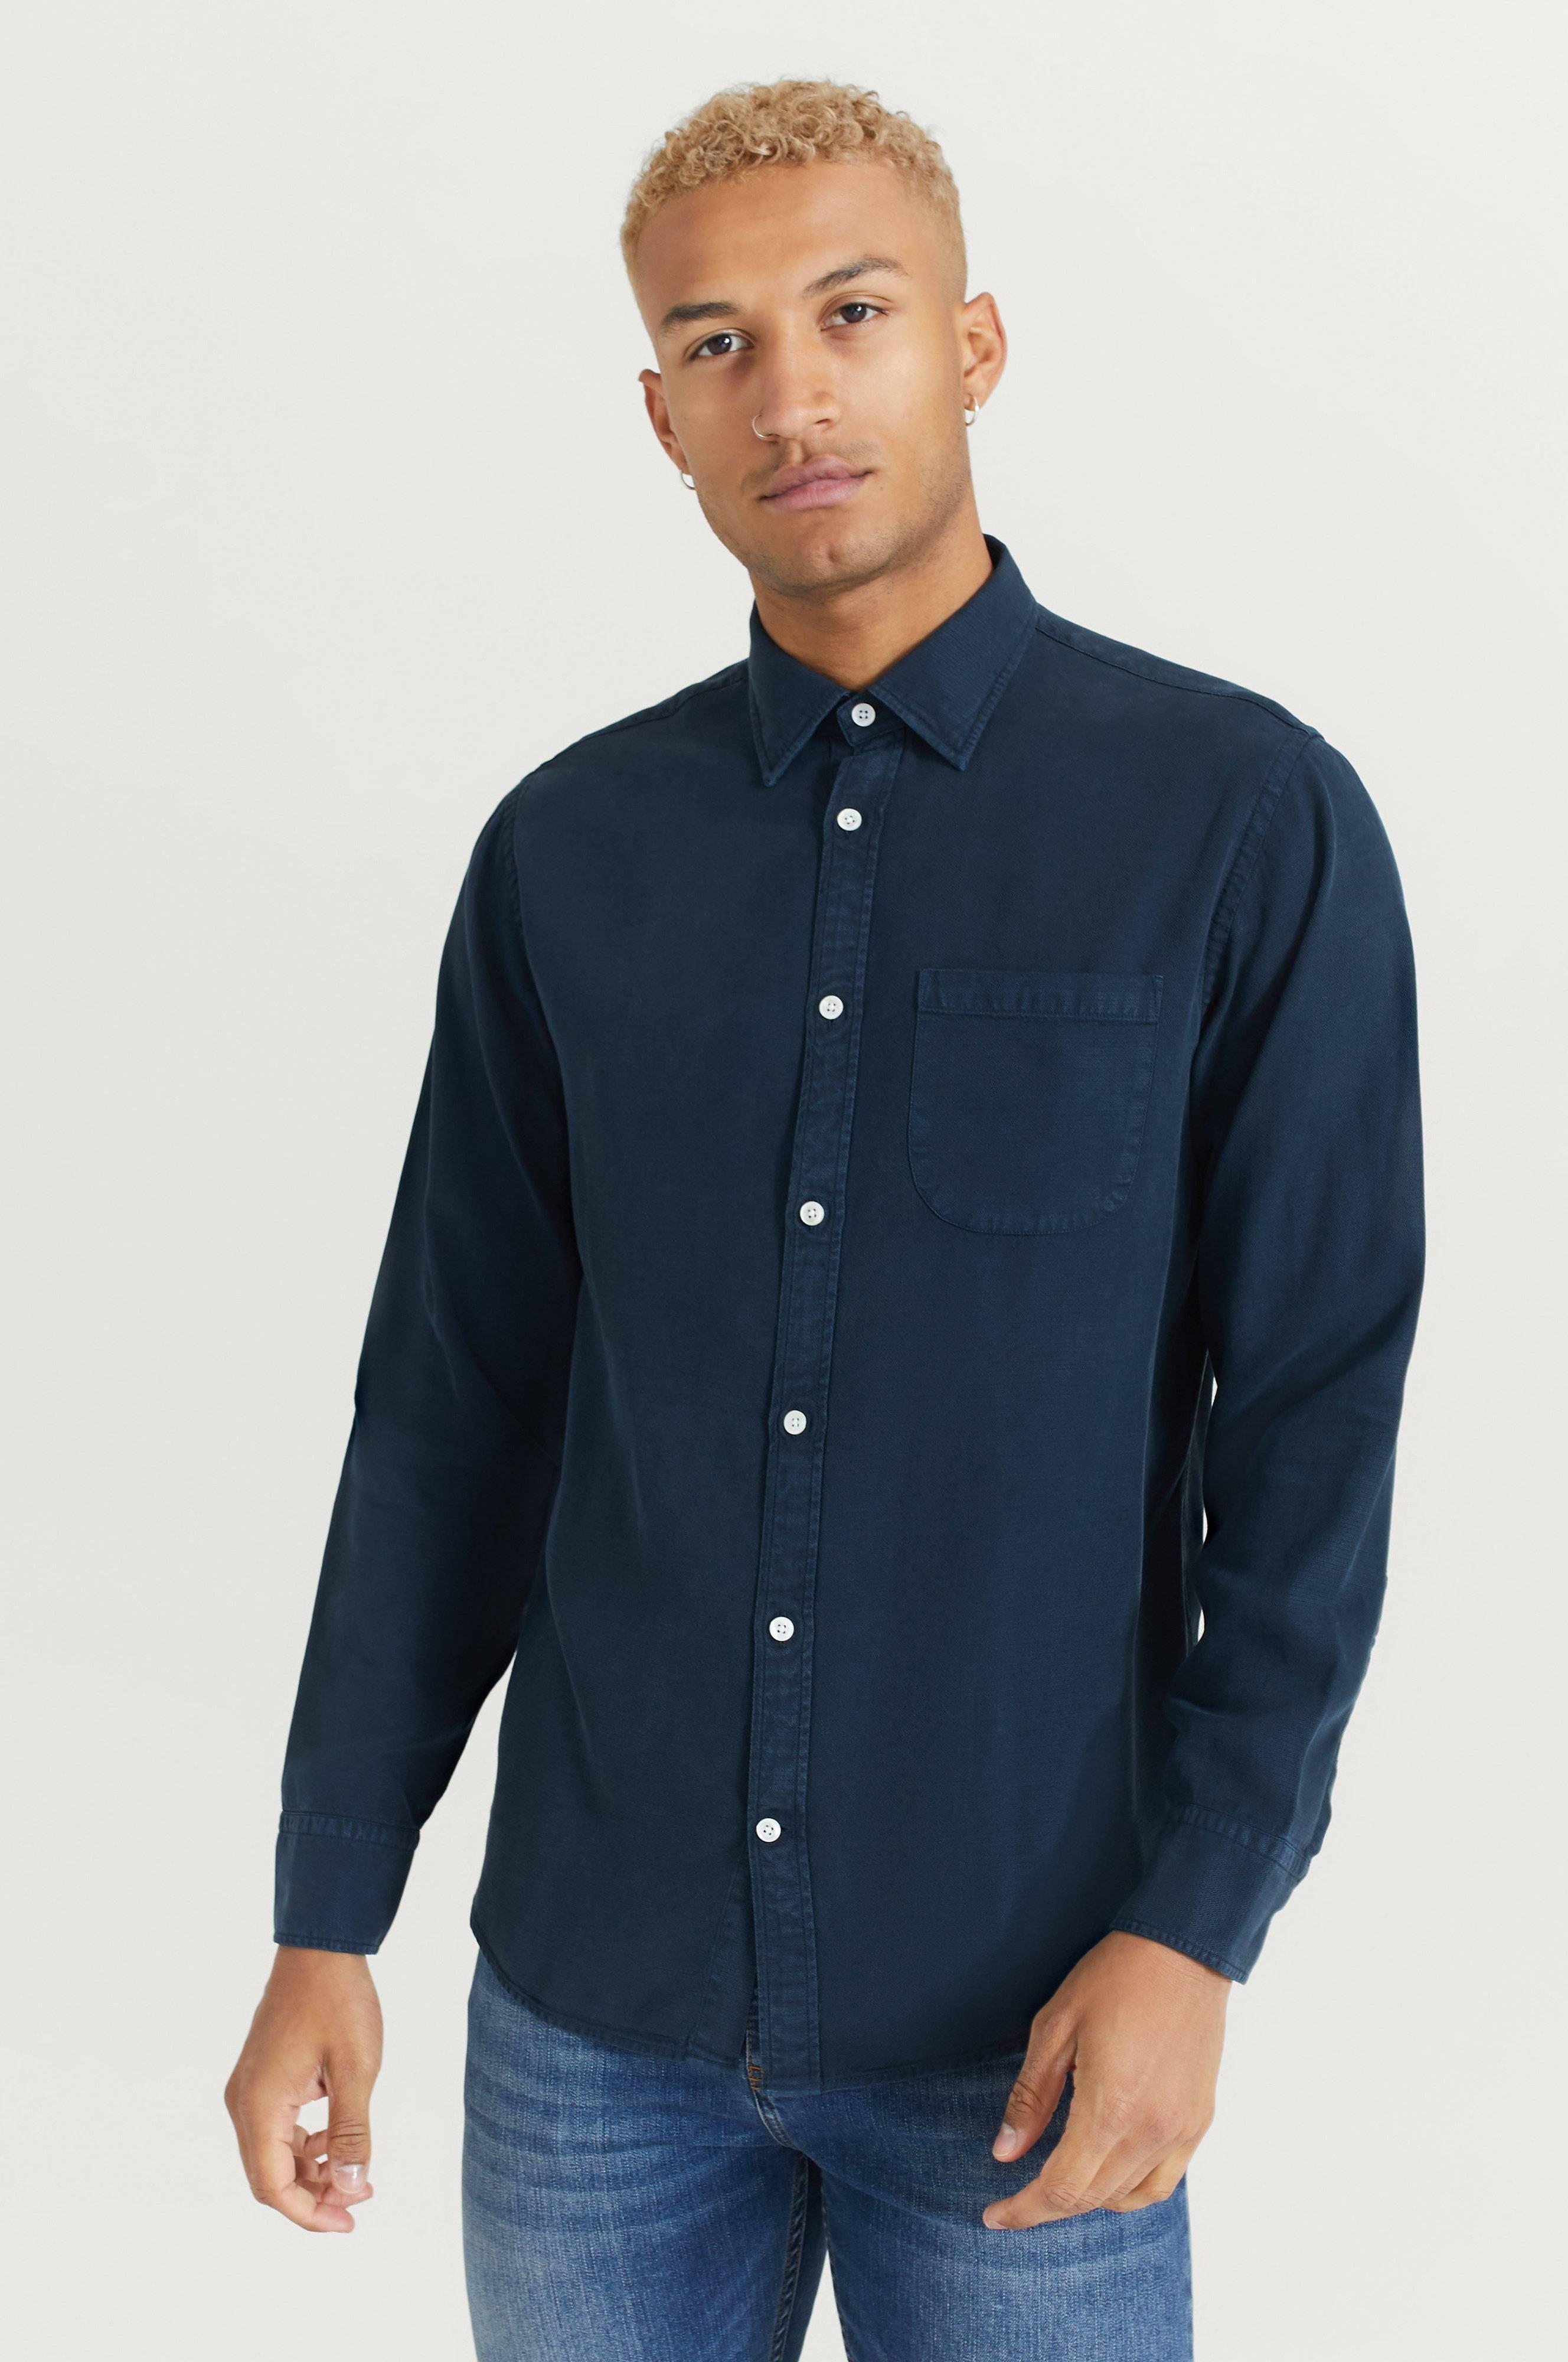 NN07 Skjorta Errico Pocket 5408 Blå